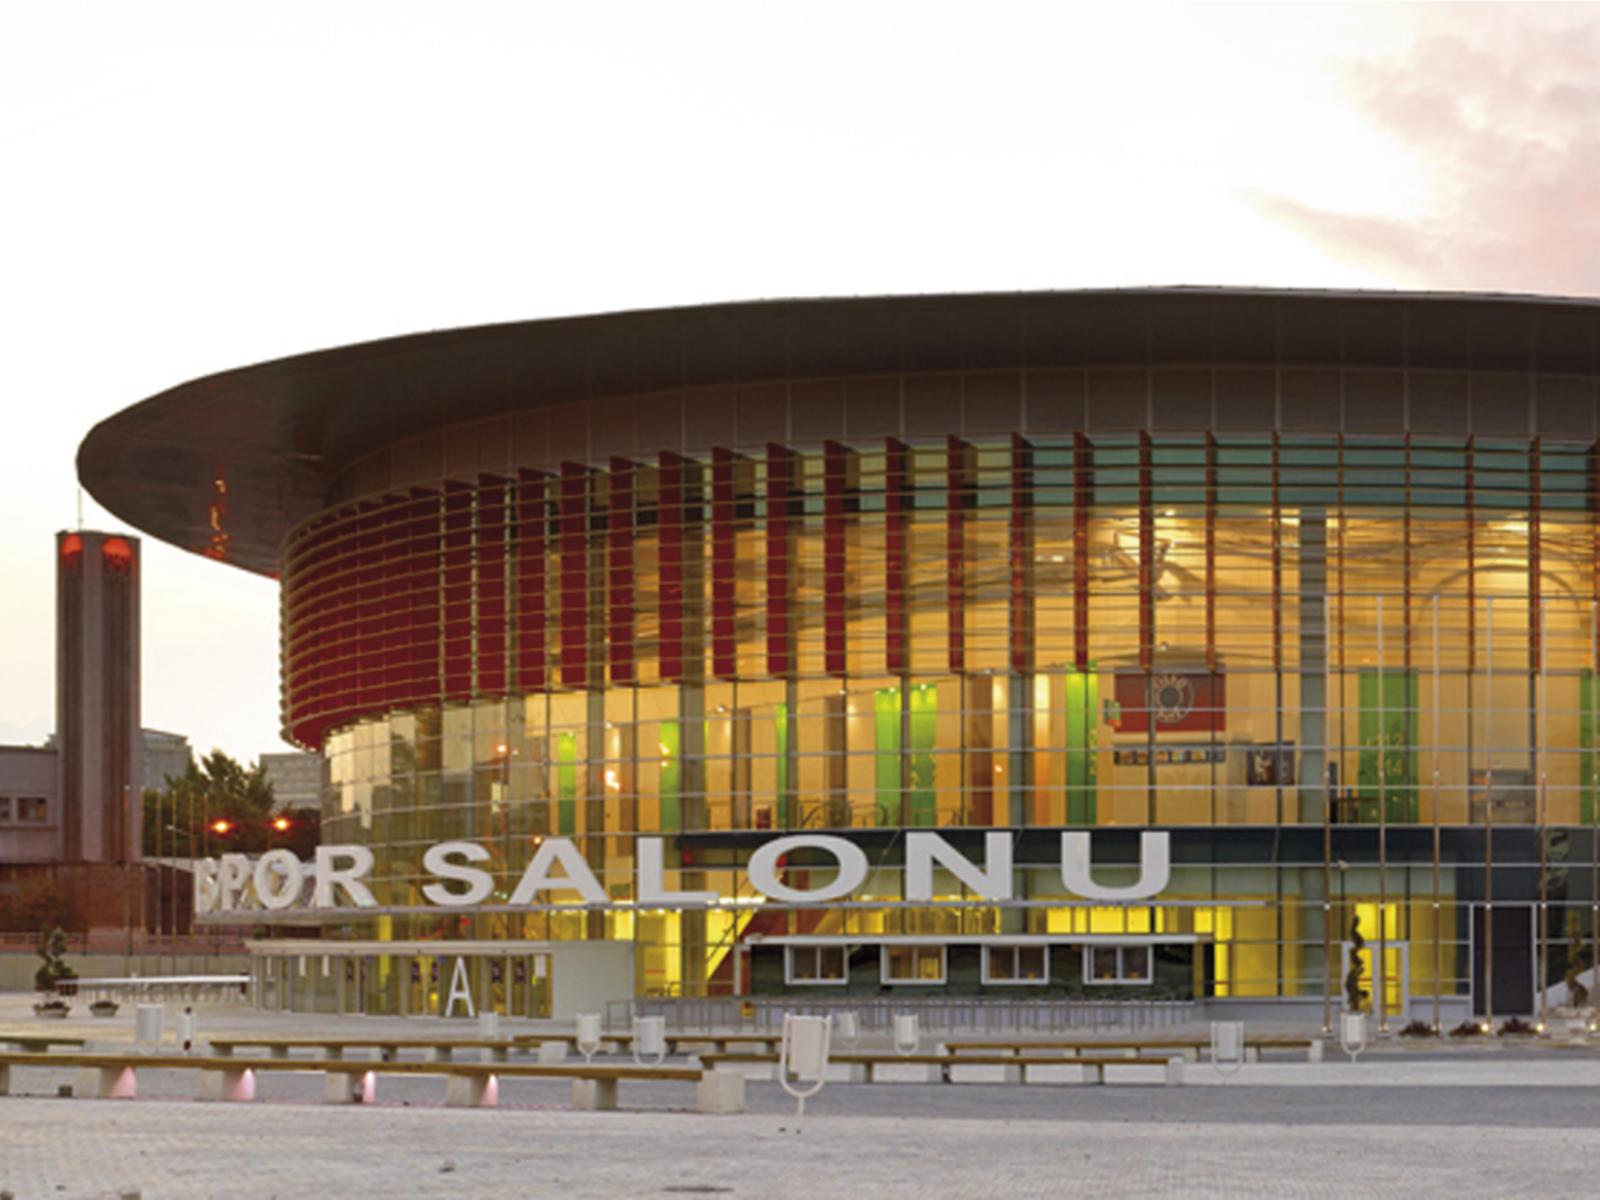 Arena Spor Salonu